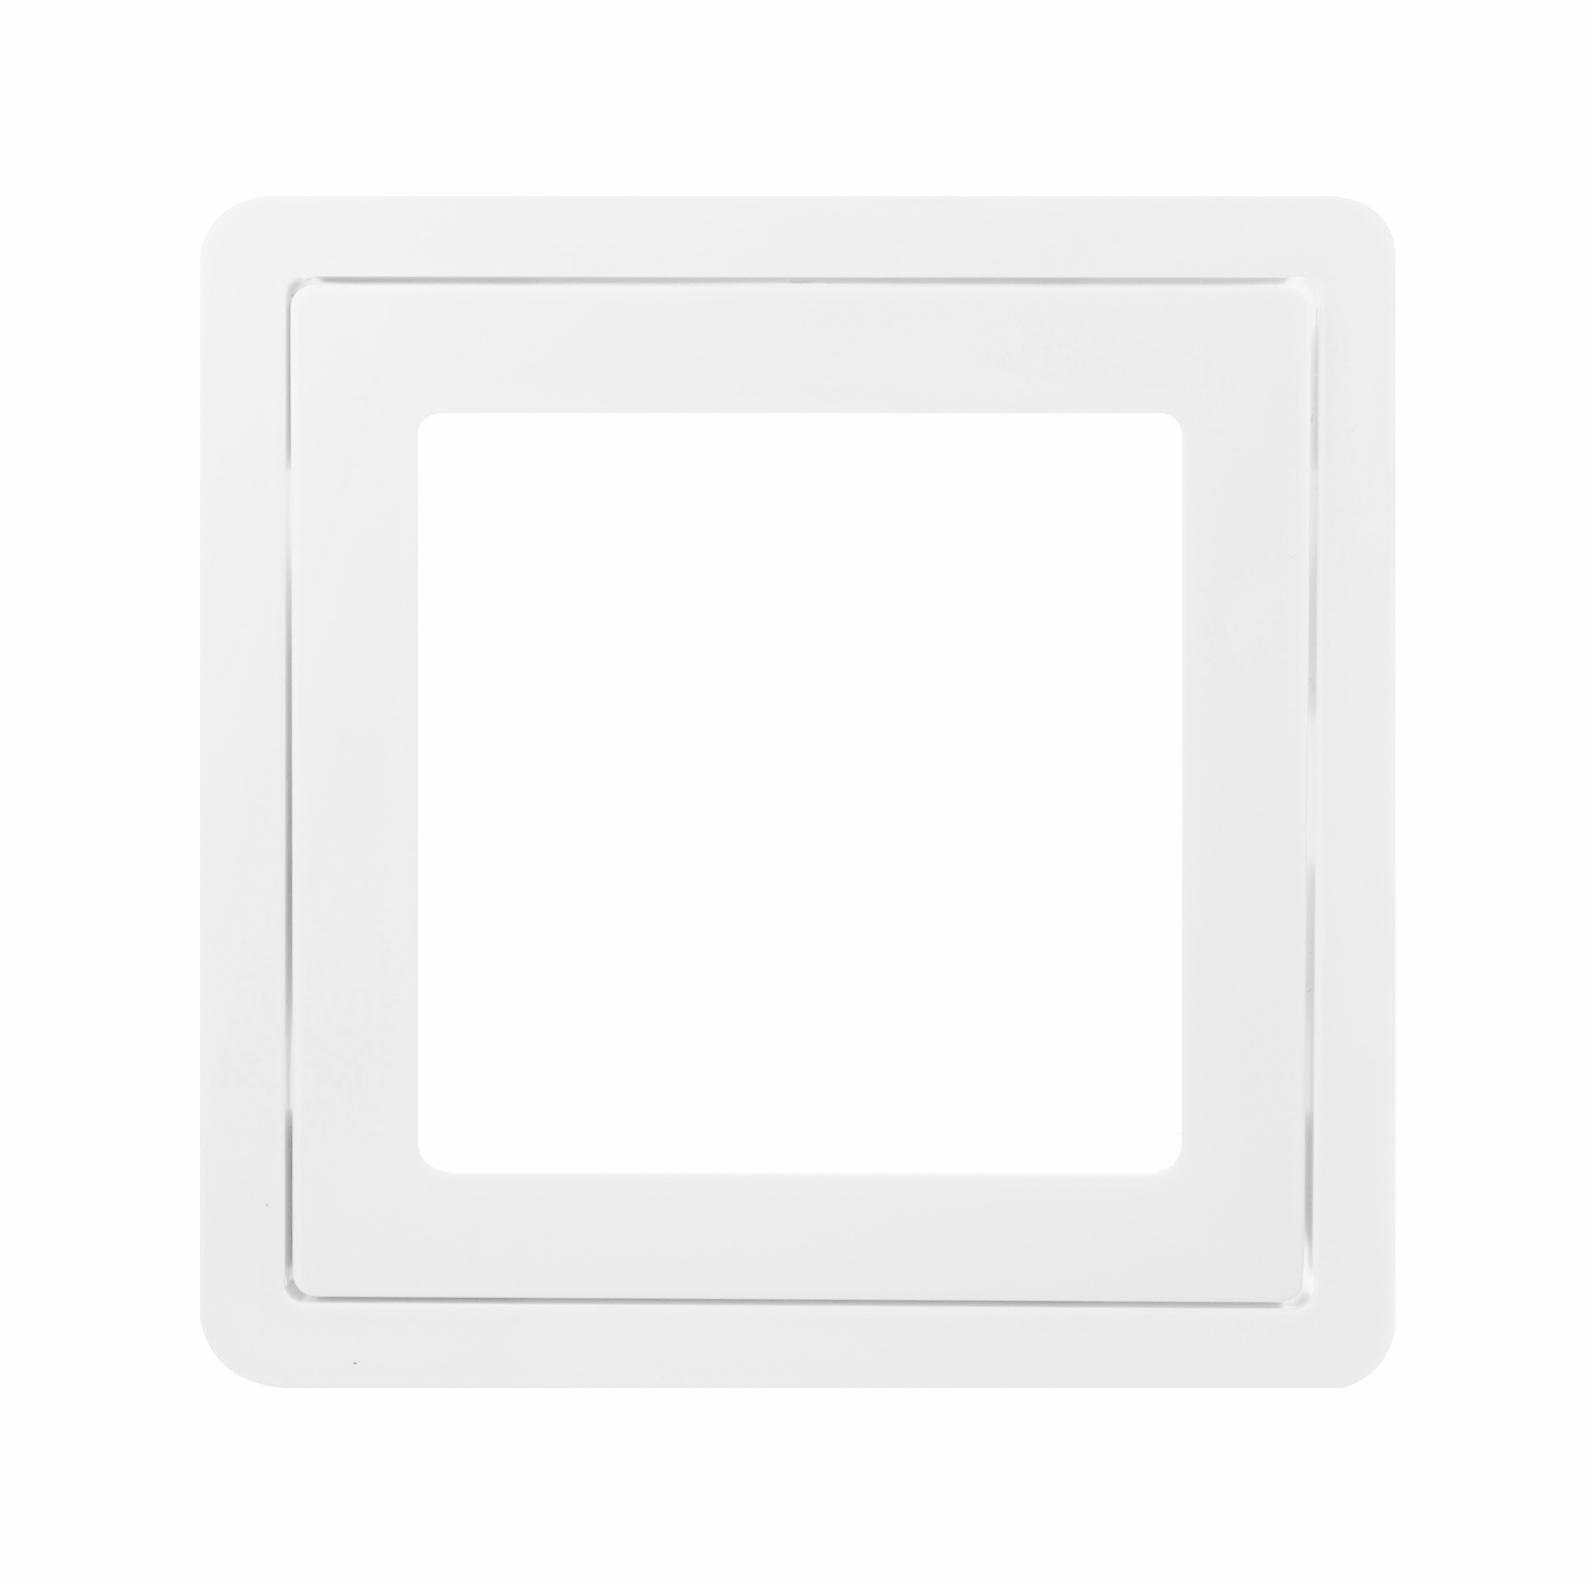 1 Stk Zentralplatte für LED-Signaleinsatz,  F/S/R, reinweiß EL227054--